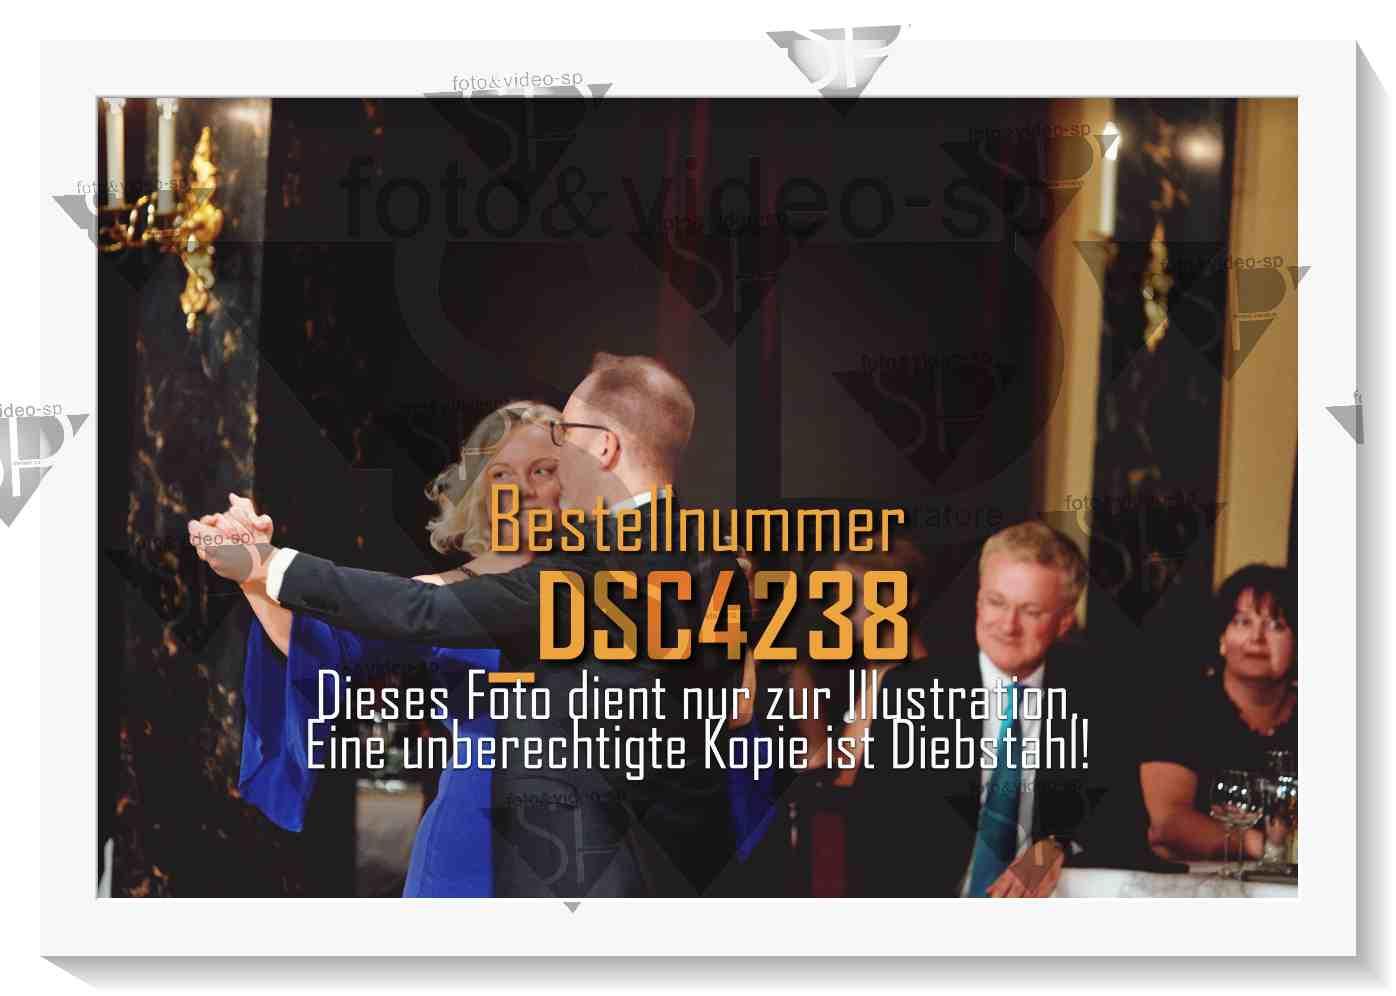 DSC4238